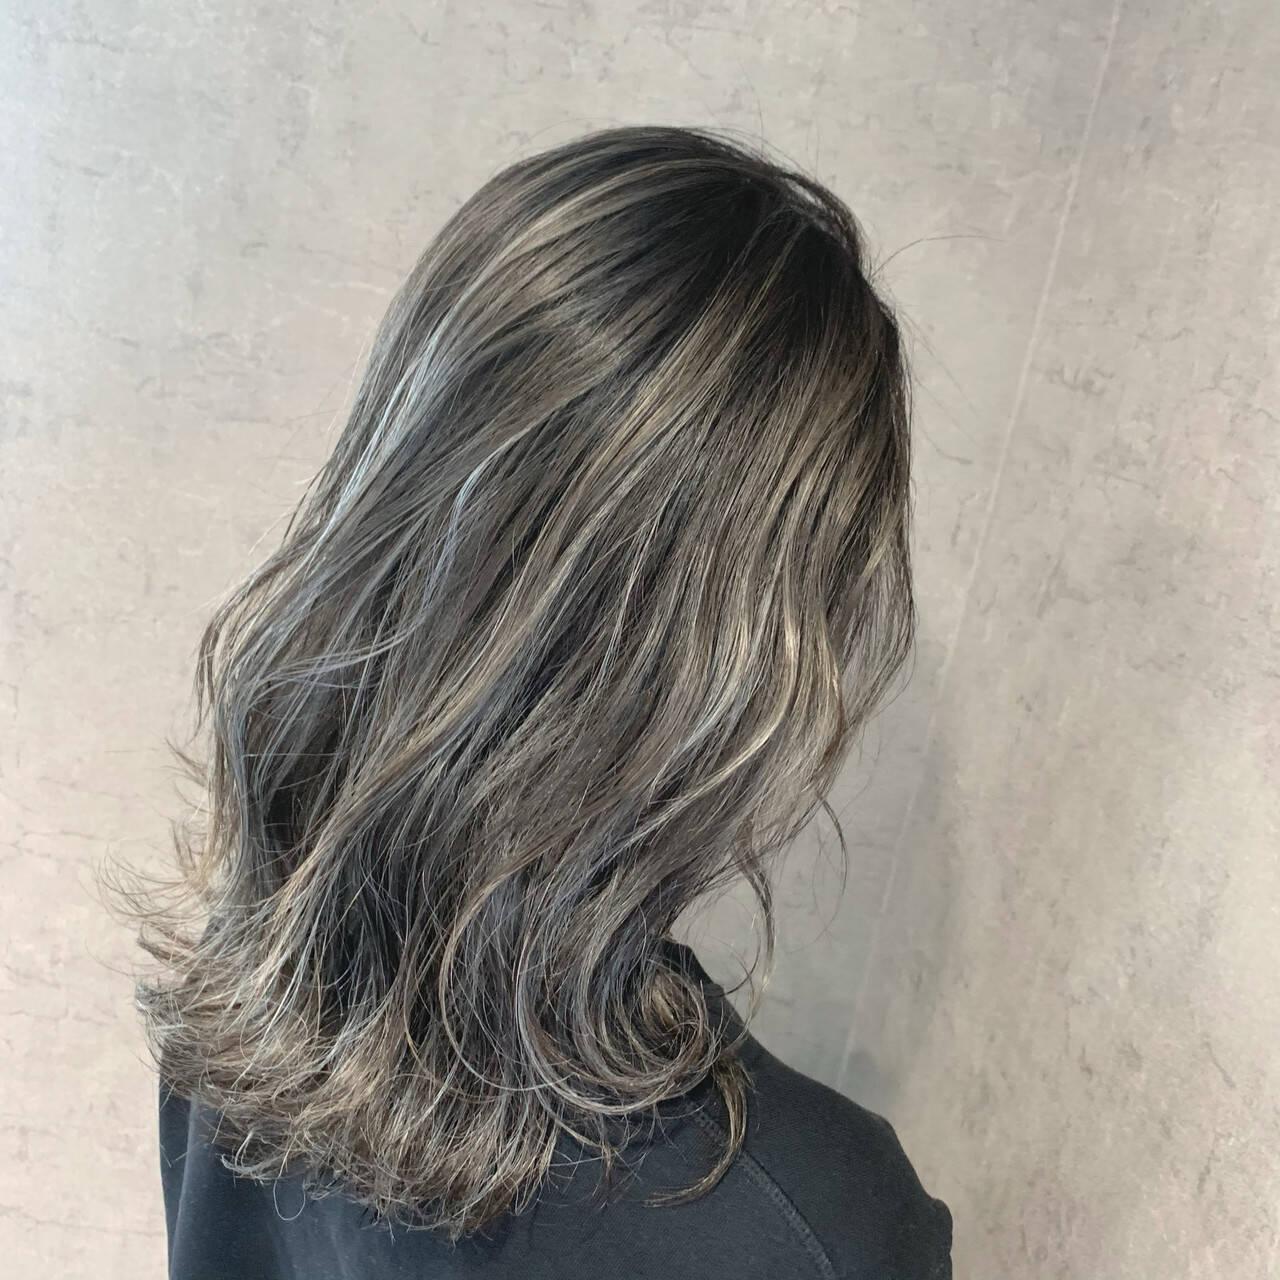 シルバーアッシュ ナチュラル ホワイトハイライト コントラストハイライトヘアスタイルや髪型の写真・画像